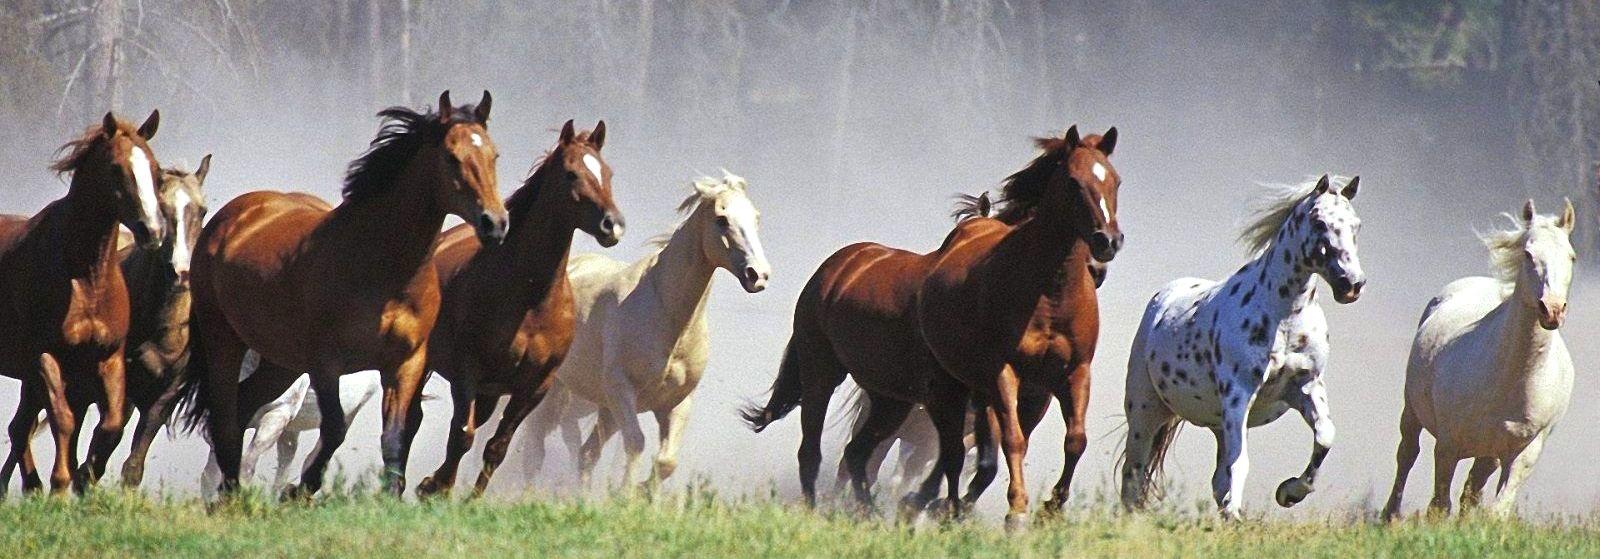 Masse hester som løper over gresset